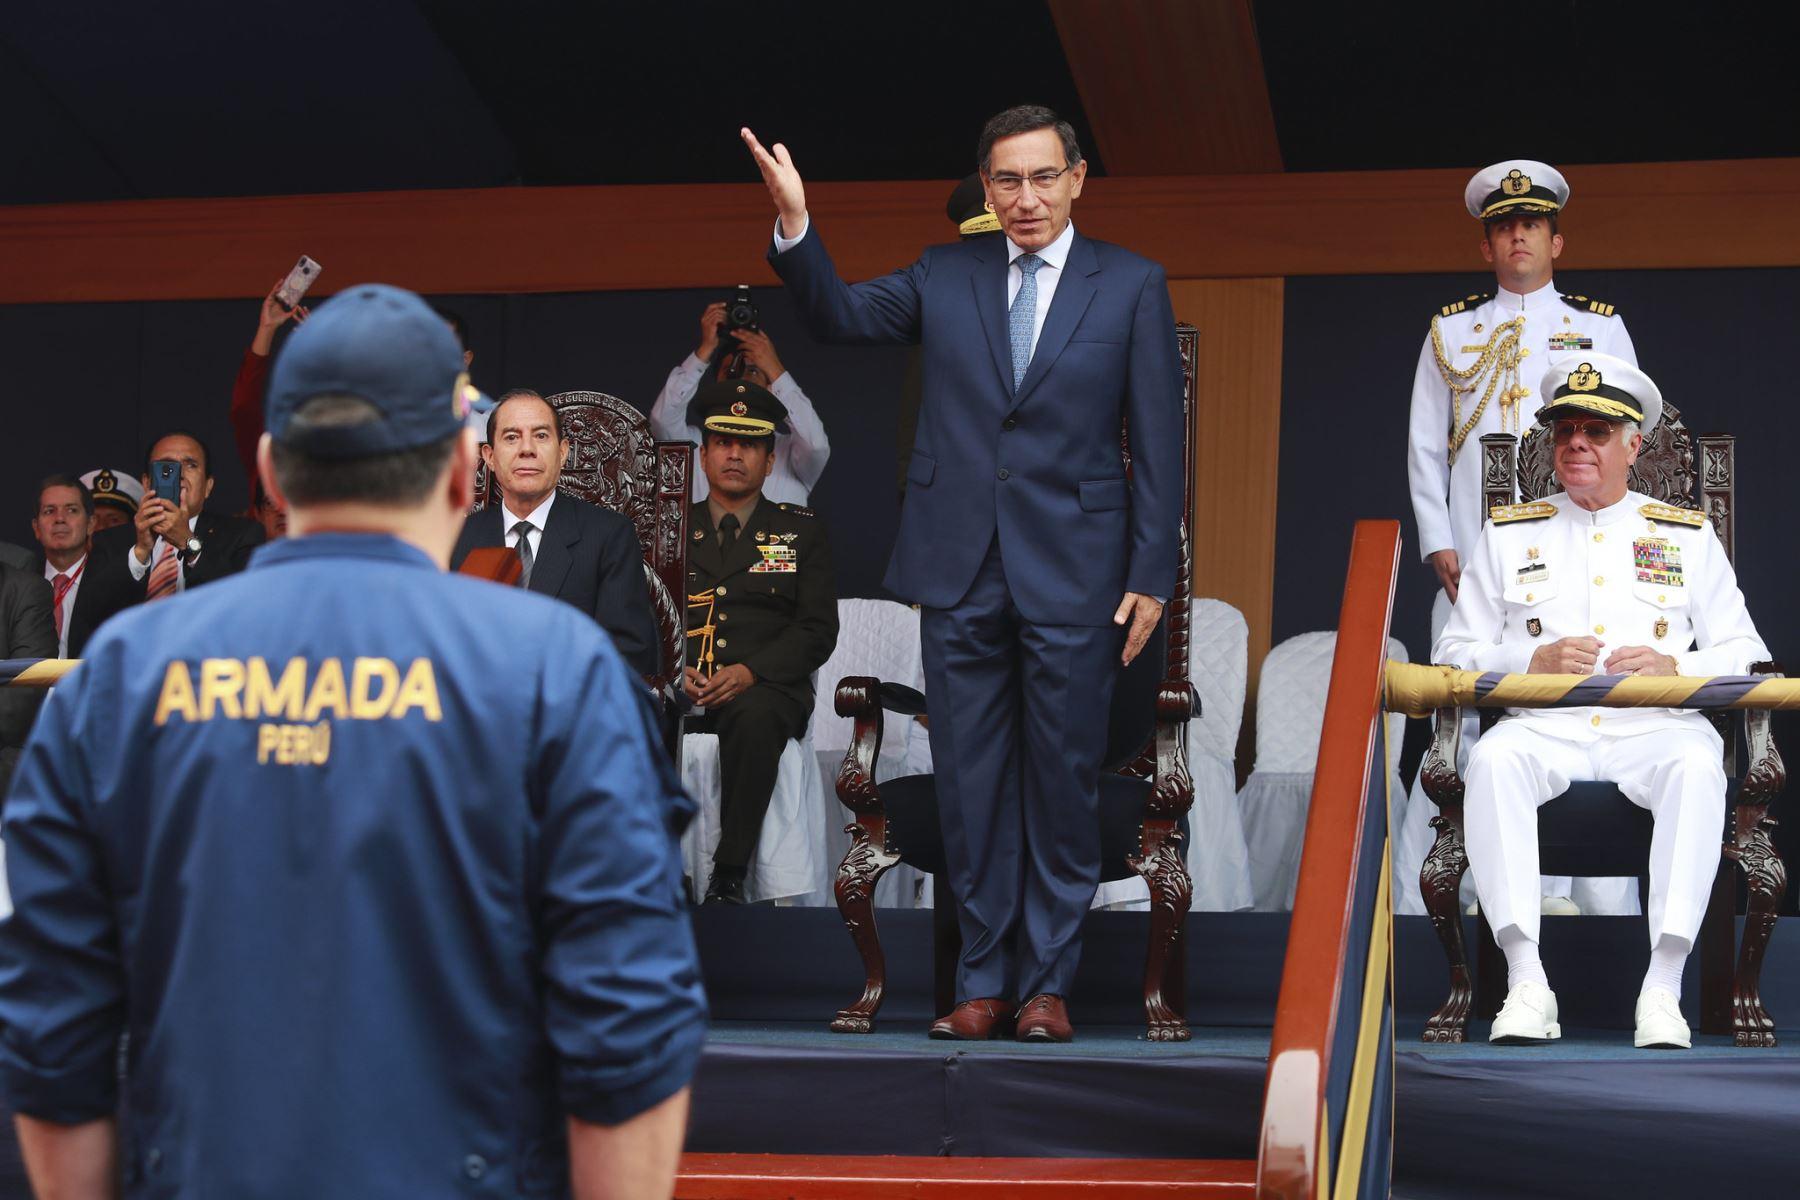 El Presidente de la república Martin Vizcarra, asiste a la ceremonia del zarpe del Buque Oceanográfico B.A.P. Carrasco a la Antártida. Foto: ANDINA/ Prensa Presidencia